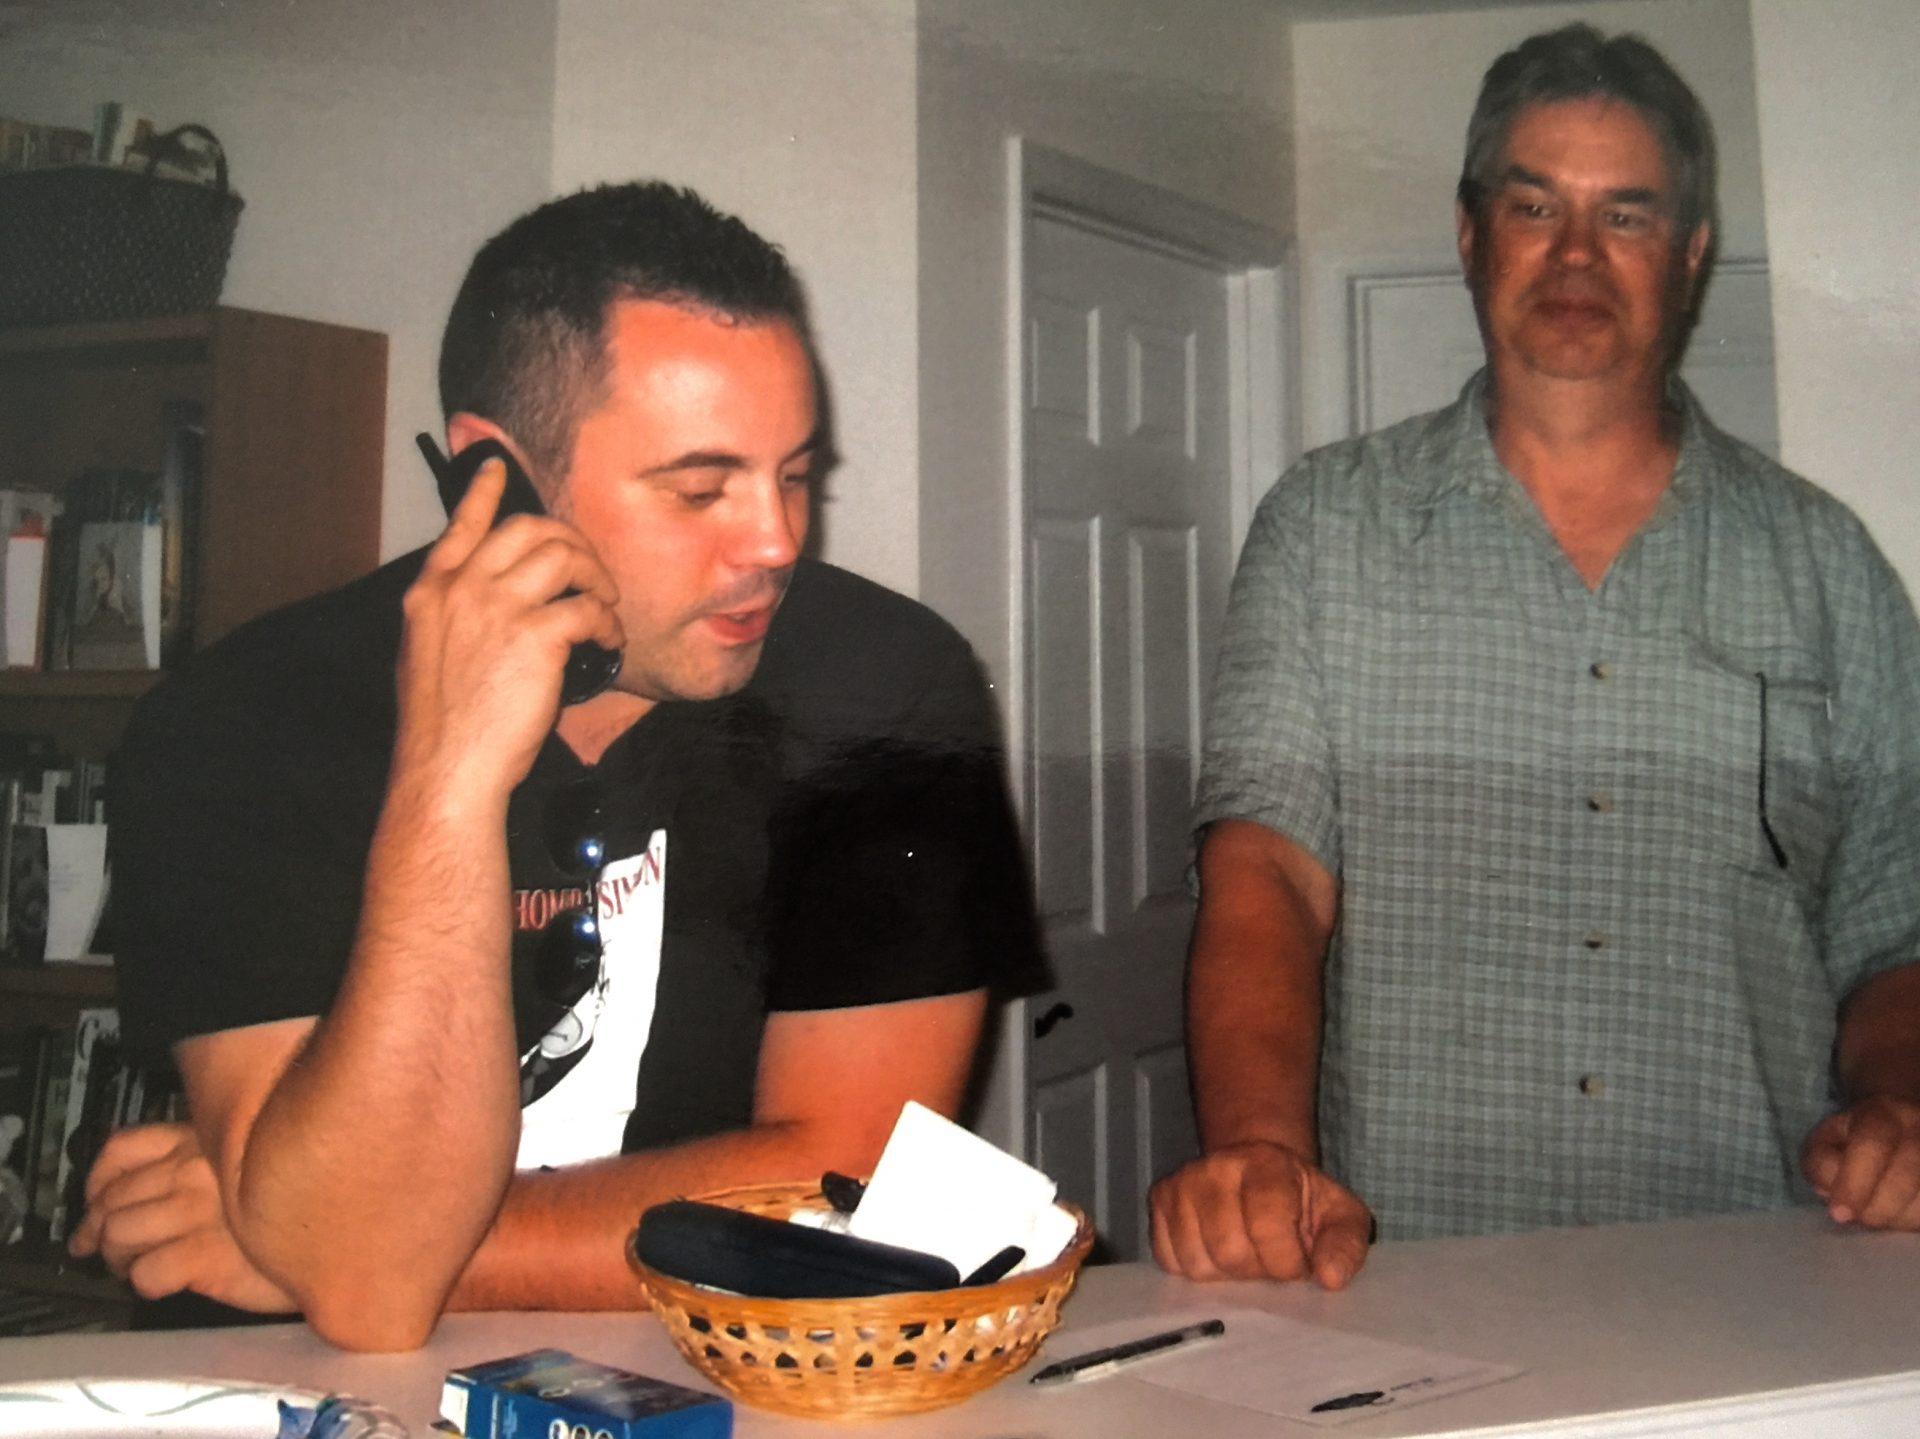 Tim & his dad, Steve